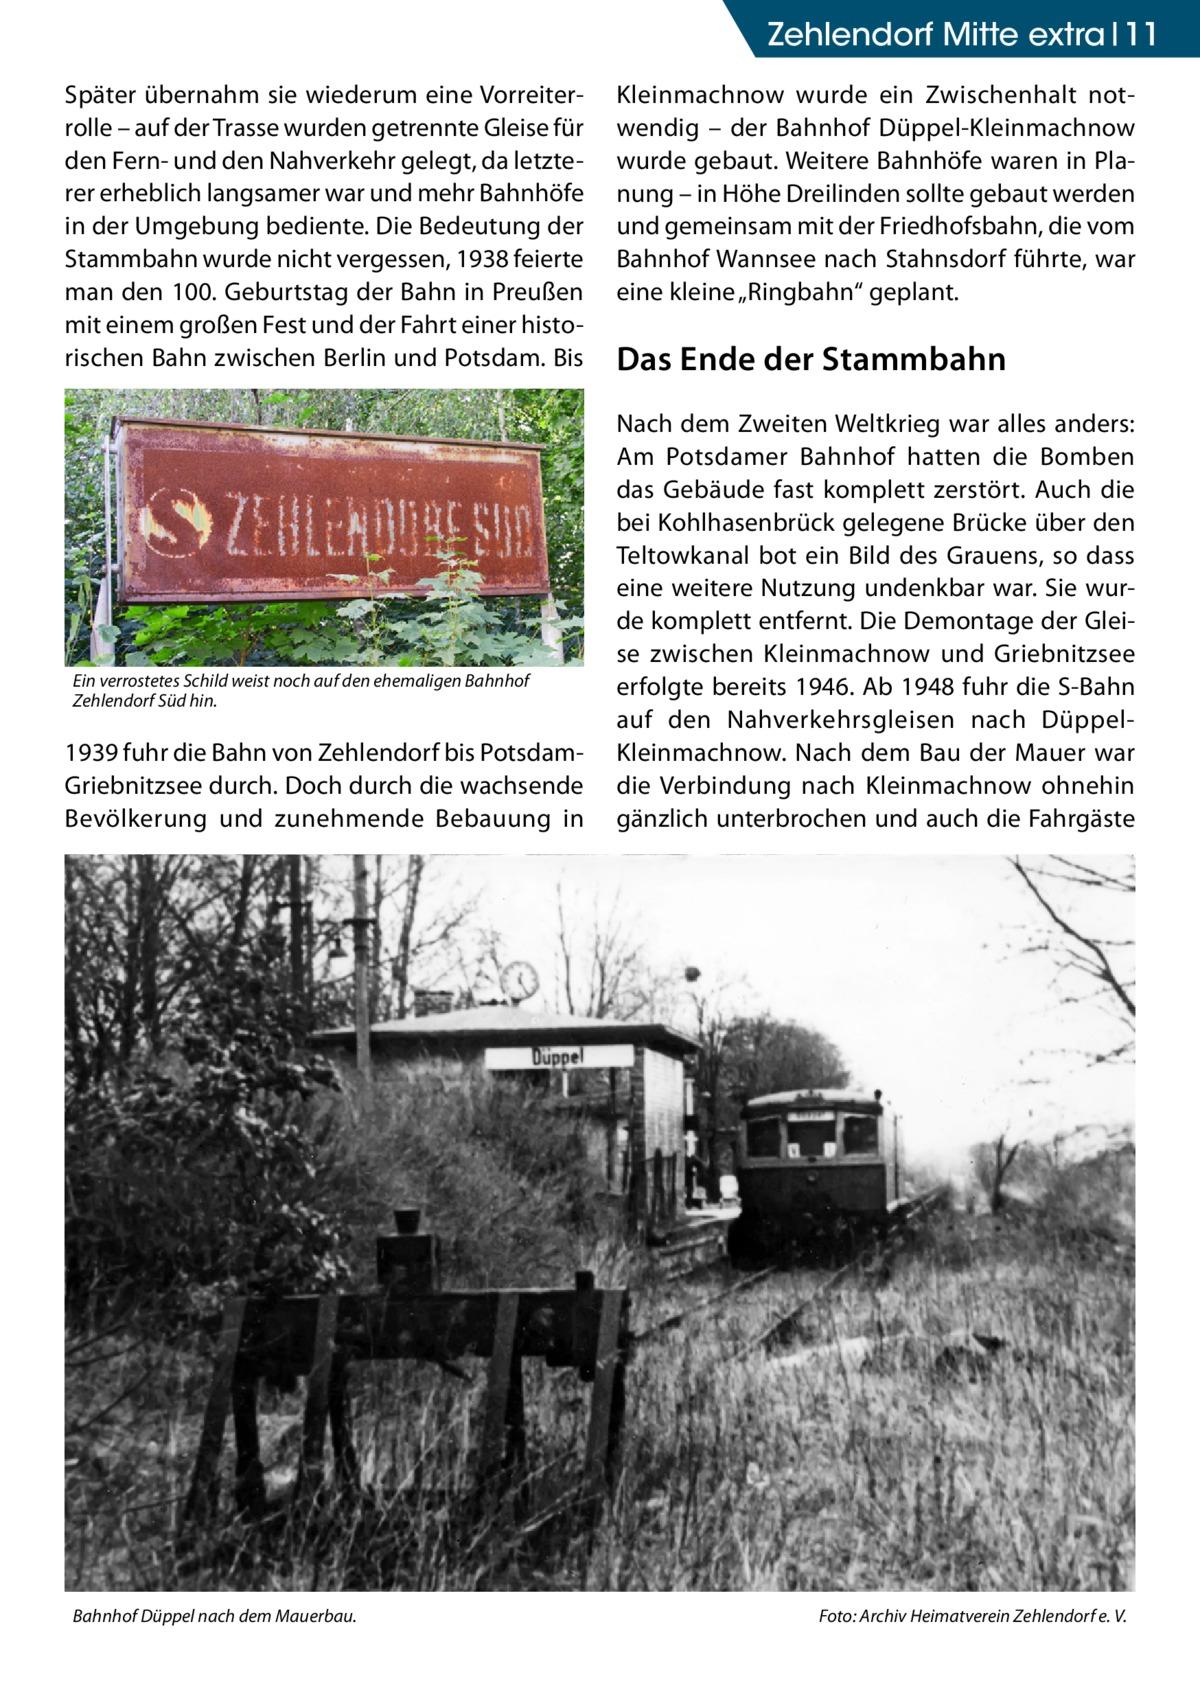 """Zehlendorf Mitte extra 11 Später übernahm sie wiederum eine Vorreiterrolle – auf der Trasse wurden getrennte Gleise für den Fern- und den Nahverkehr gelegt, da letzterer erheblich langsamer war und mehr Bahnhöfe in der Umgebung bediente. Die Bedeutung der Stammbahn wurde nicht vergessen, 1938 feierte man den 100. Geburtstag der Bahn in Preußen mit einem großen Fest und der Fahrt einer historischen Bahn zwischen Berlin und Potsdam. Bis  Ein verrostetes Schild weist noch auf den ehemaligen Bahnhof Zehlendorf Süd hin.  1939 fuhr die Bahn von Zehlendorf bis PotsdamGriebnitzsee durch. Doch durch die wachsende Bevölkerung und zunehmende Bebauung in  Bahnhof Düppel nach dem Mauerbau.�  Kleinmachnow wurde ein Zwischenhalt notwendig – der Bahnhof Düppel-Kleinmachnow wurde gebaut. Weitere Bahnhöfe waren in Planung – in Höhe Dreilinden sollte gebaut werden und gemeinsam mit der Friedhofsbahn, die vom Bahnhof Wannsee nach Stahnsdorf führte, war eine kleine """"Ringbahn"""" geplant.  Das Ende der Stammbahn Nach dem Zweiten Weltkrieg war alles anders: Am Potsdamer Bahnhof hatten die Bomben das Gebäude fast komplett zerstört. Auch die bei Kohlhasenbrück gelegene Brücke über den Teltowkanal bot ein Bild des Grauens, so dass eine weitere Nutzung undenkbar war. Sie wurde komplett entfernt. Die Demontage der Gleise zwischen Kleinmachnow und Griebnitzsee erfolgte bereits 1946. Ab 1948 fuhr die S-Bahn auf den Nahverkehrsgleisen nach DüppelKleinmachnow. Nach dem Bau der Mauer war die Verbindung nach Kleinmachnow ohnehin gänzlich unterbrochen und auch die Fahrgäste  Foto: Archiv Heimatverein Zehlendorf e. V."""